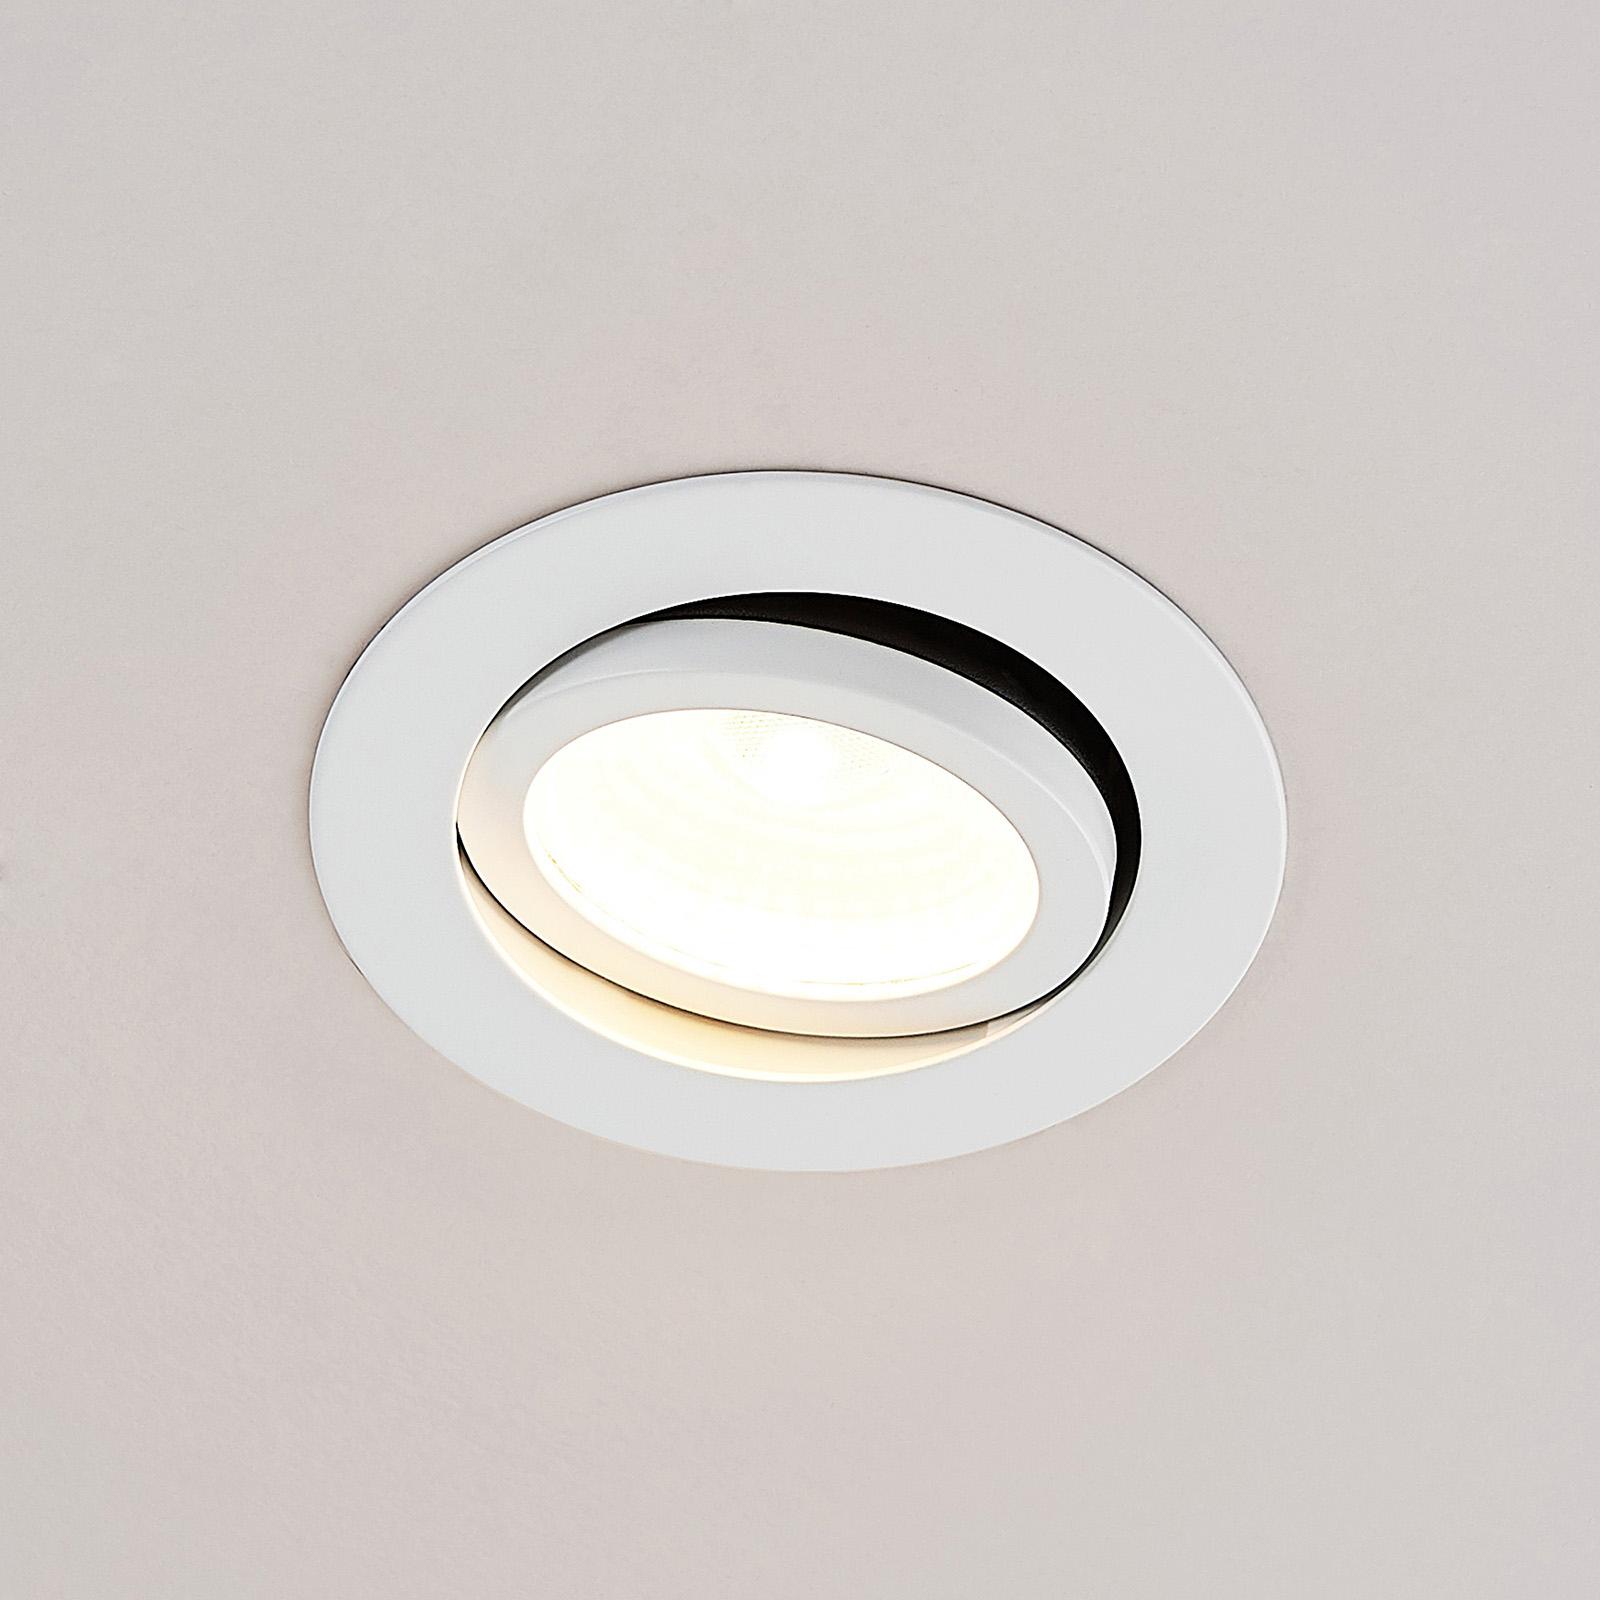 Arcchio Nabor -LED-alasvalo 36° 2 700K IP65, 10,6W